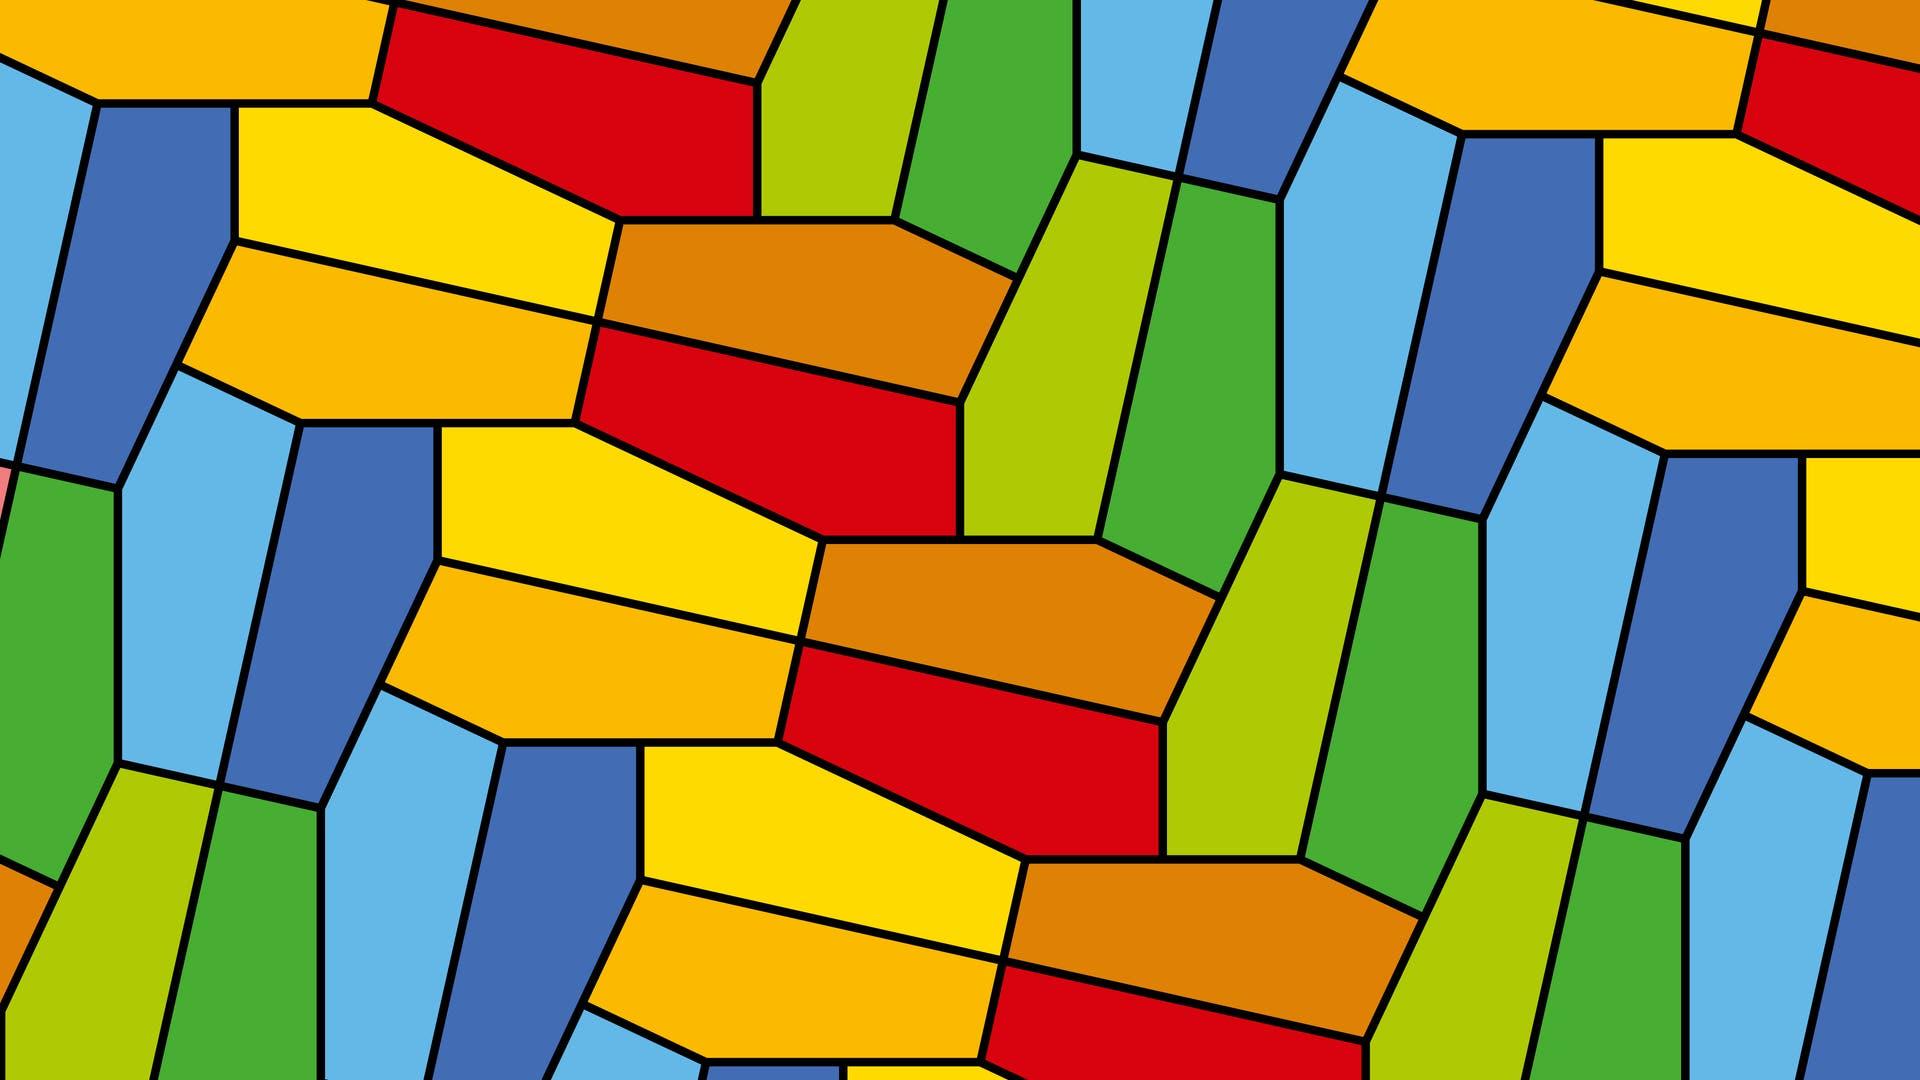 Fünfeck 13